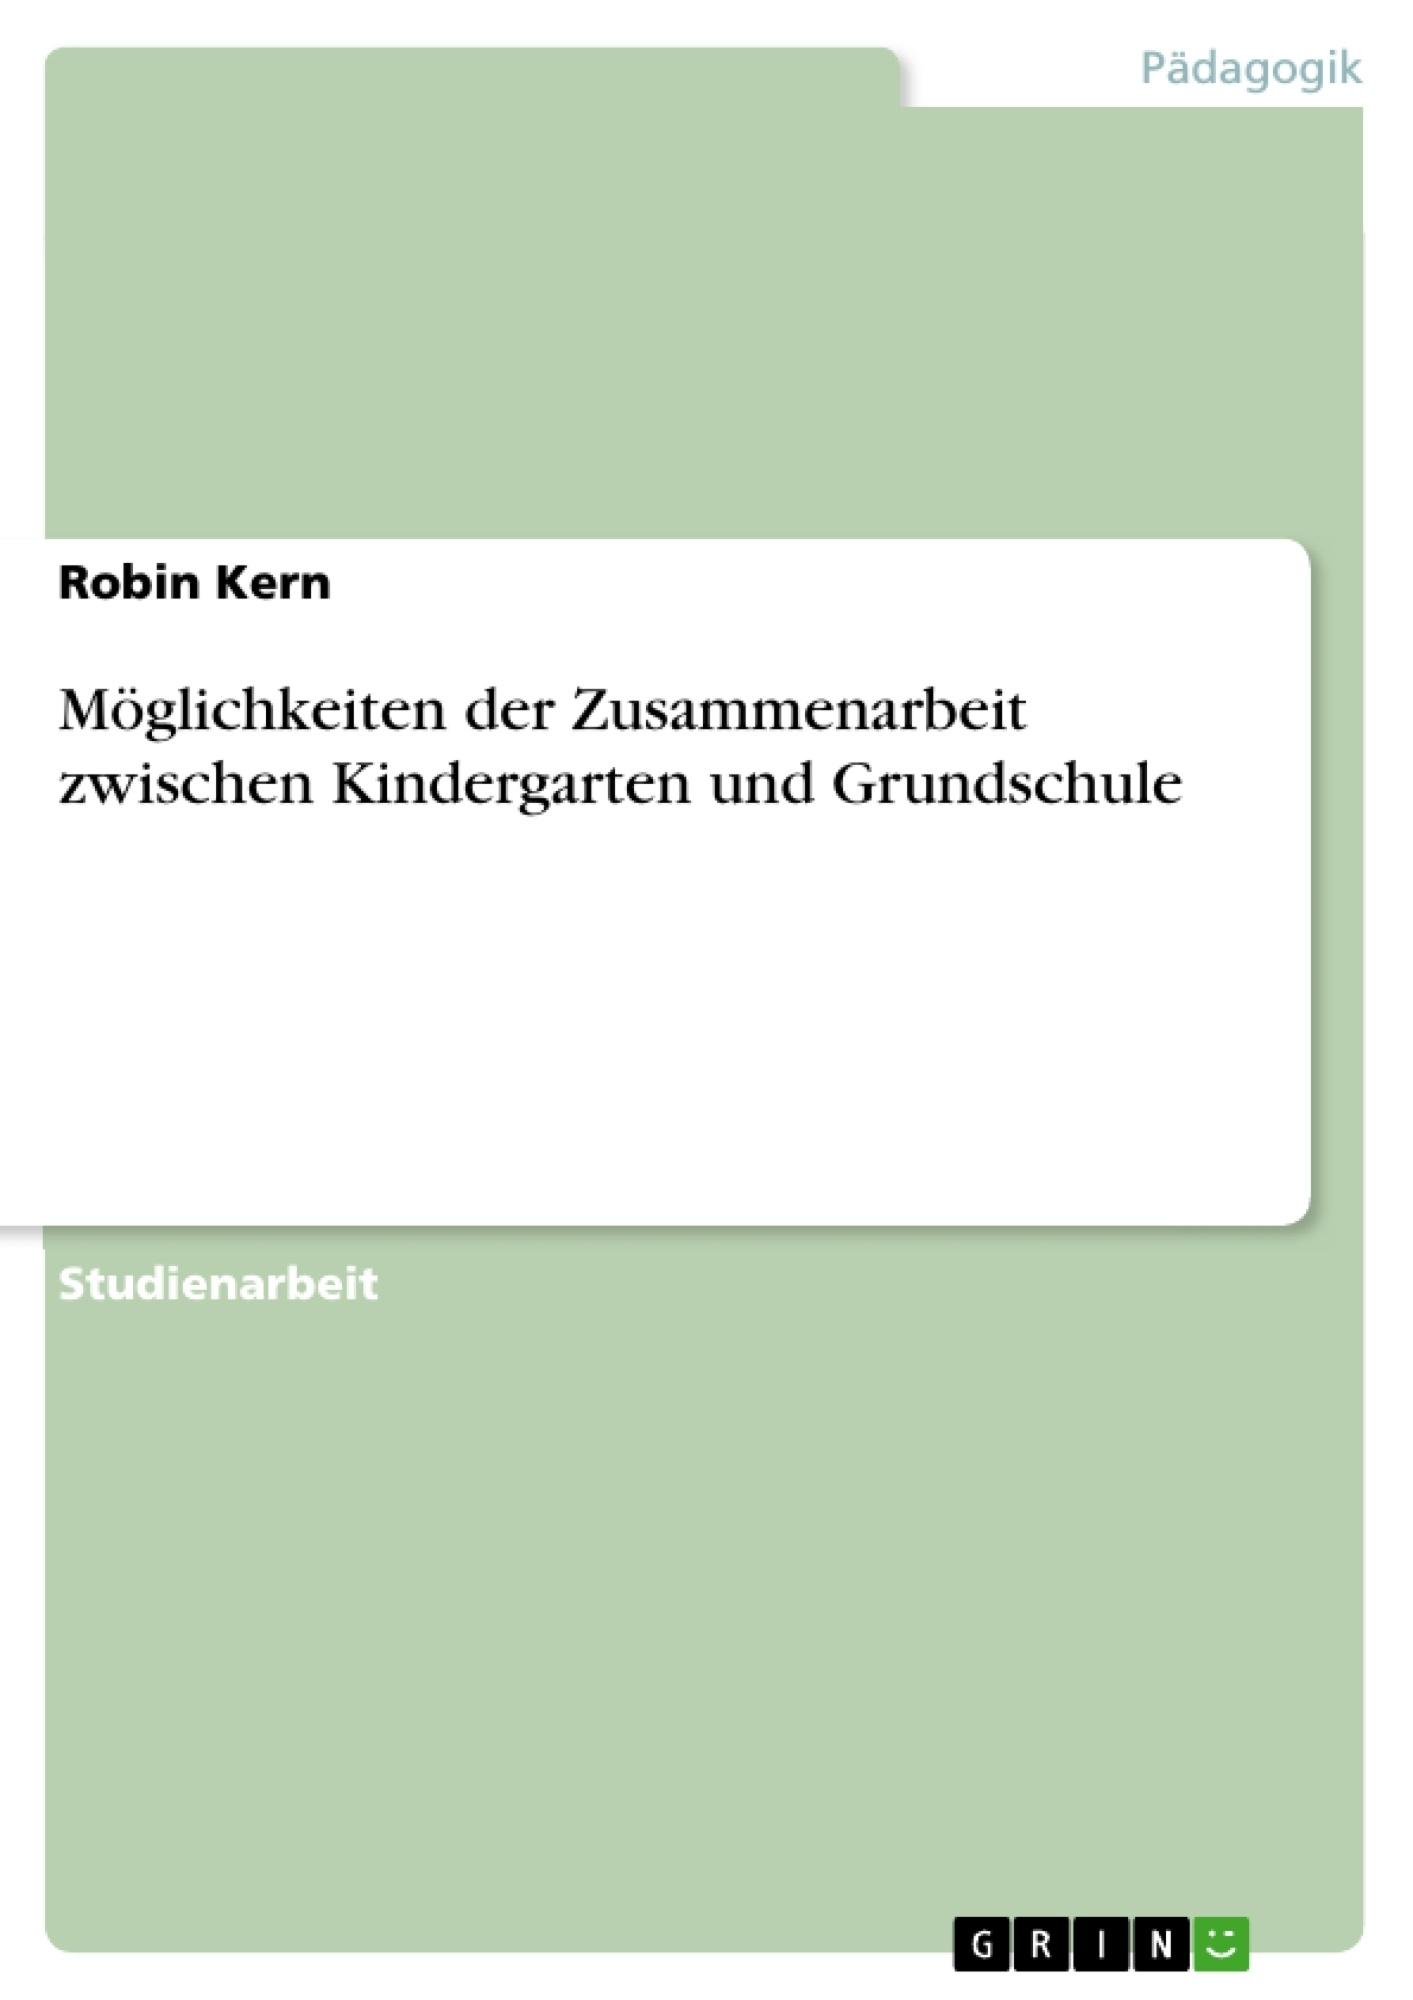 Titel: Möglichkeiten der Zusammenarbeit zwischen Kindergarten und Grundschule